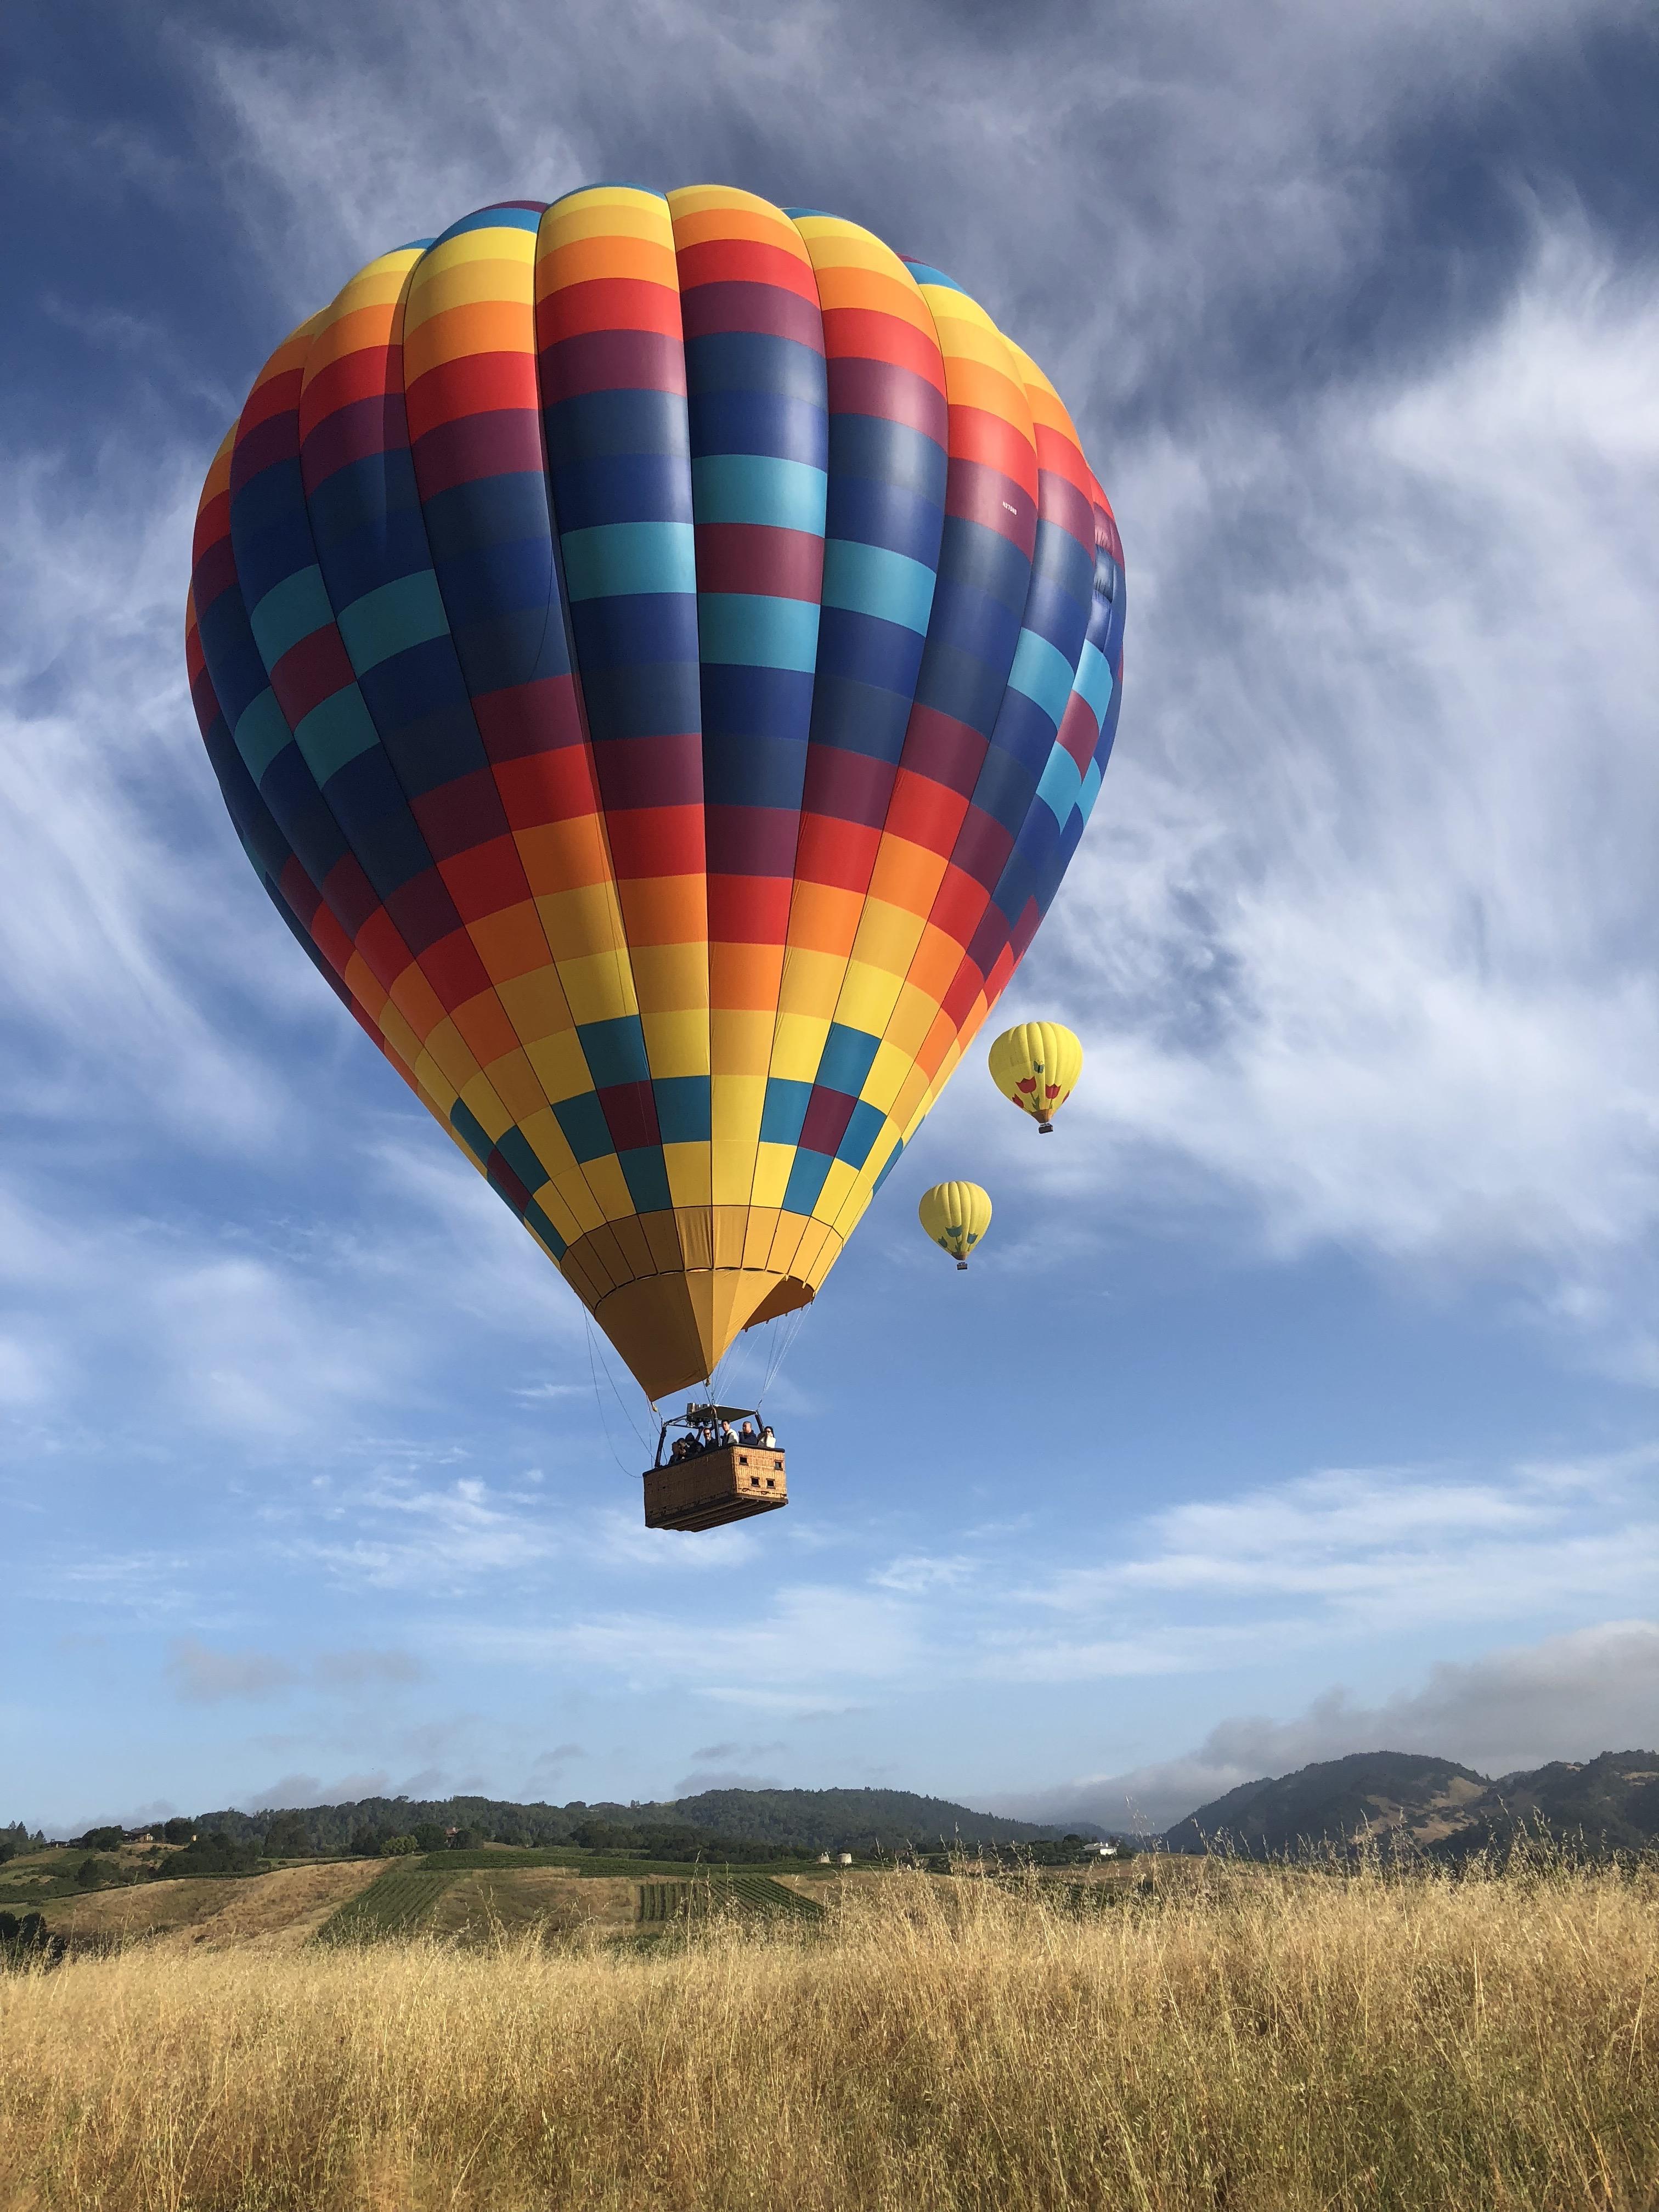 Early Morning hot-air ballooning in NAPA